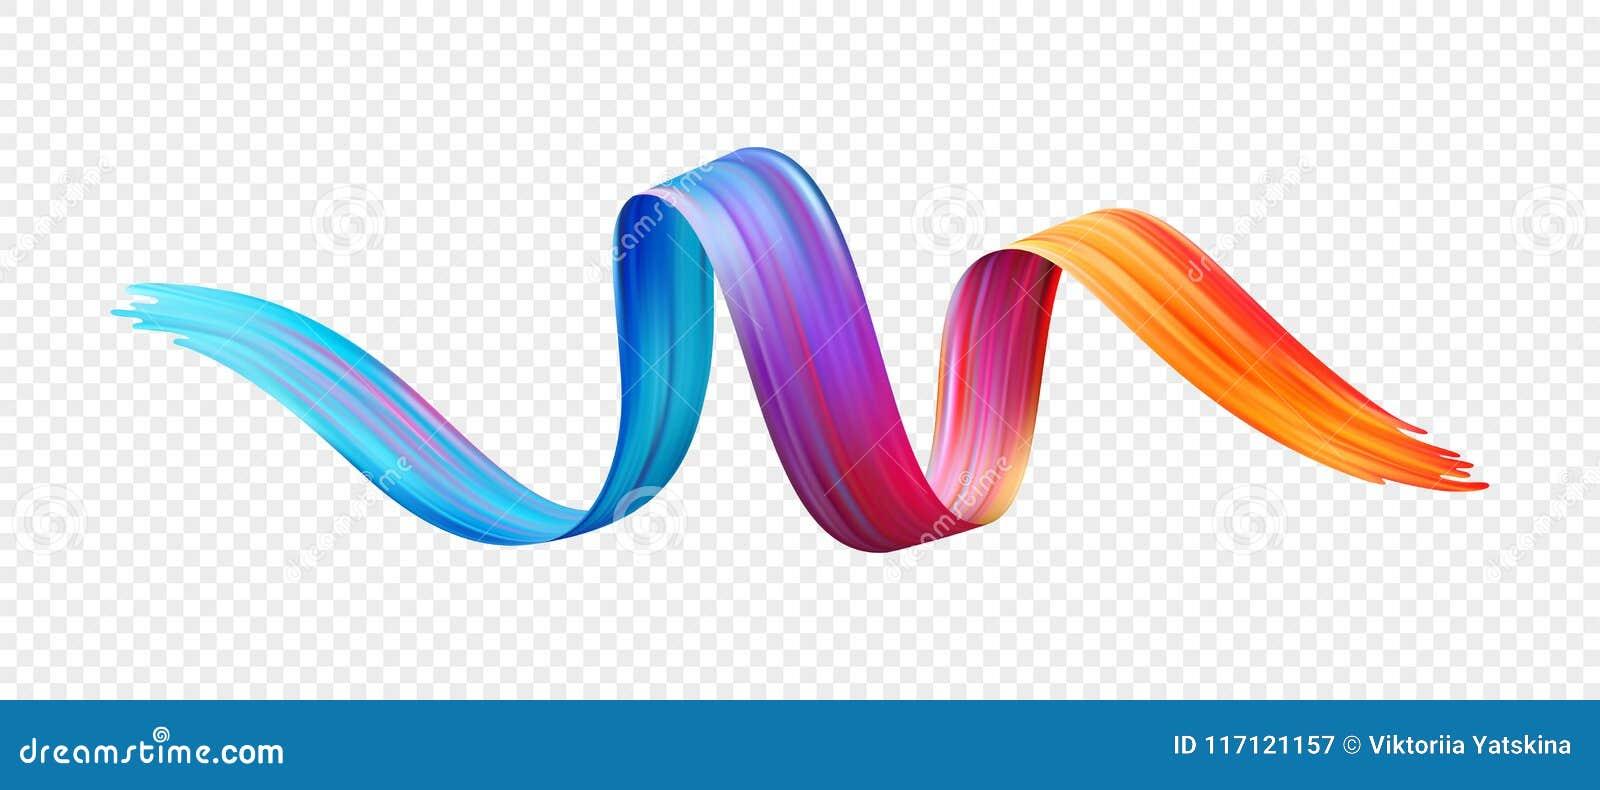 Colora o óleo da pincelada ou o elemento do projeto da pintura acrílica Ilustração do vetor